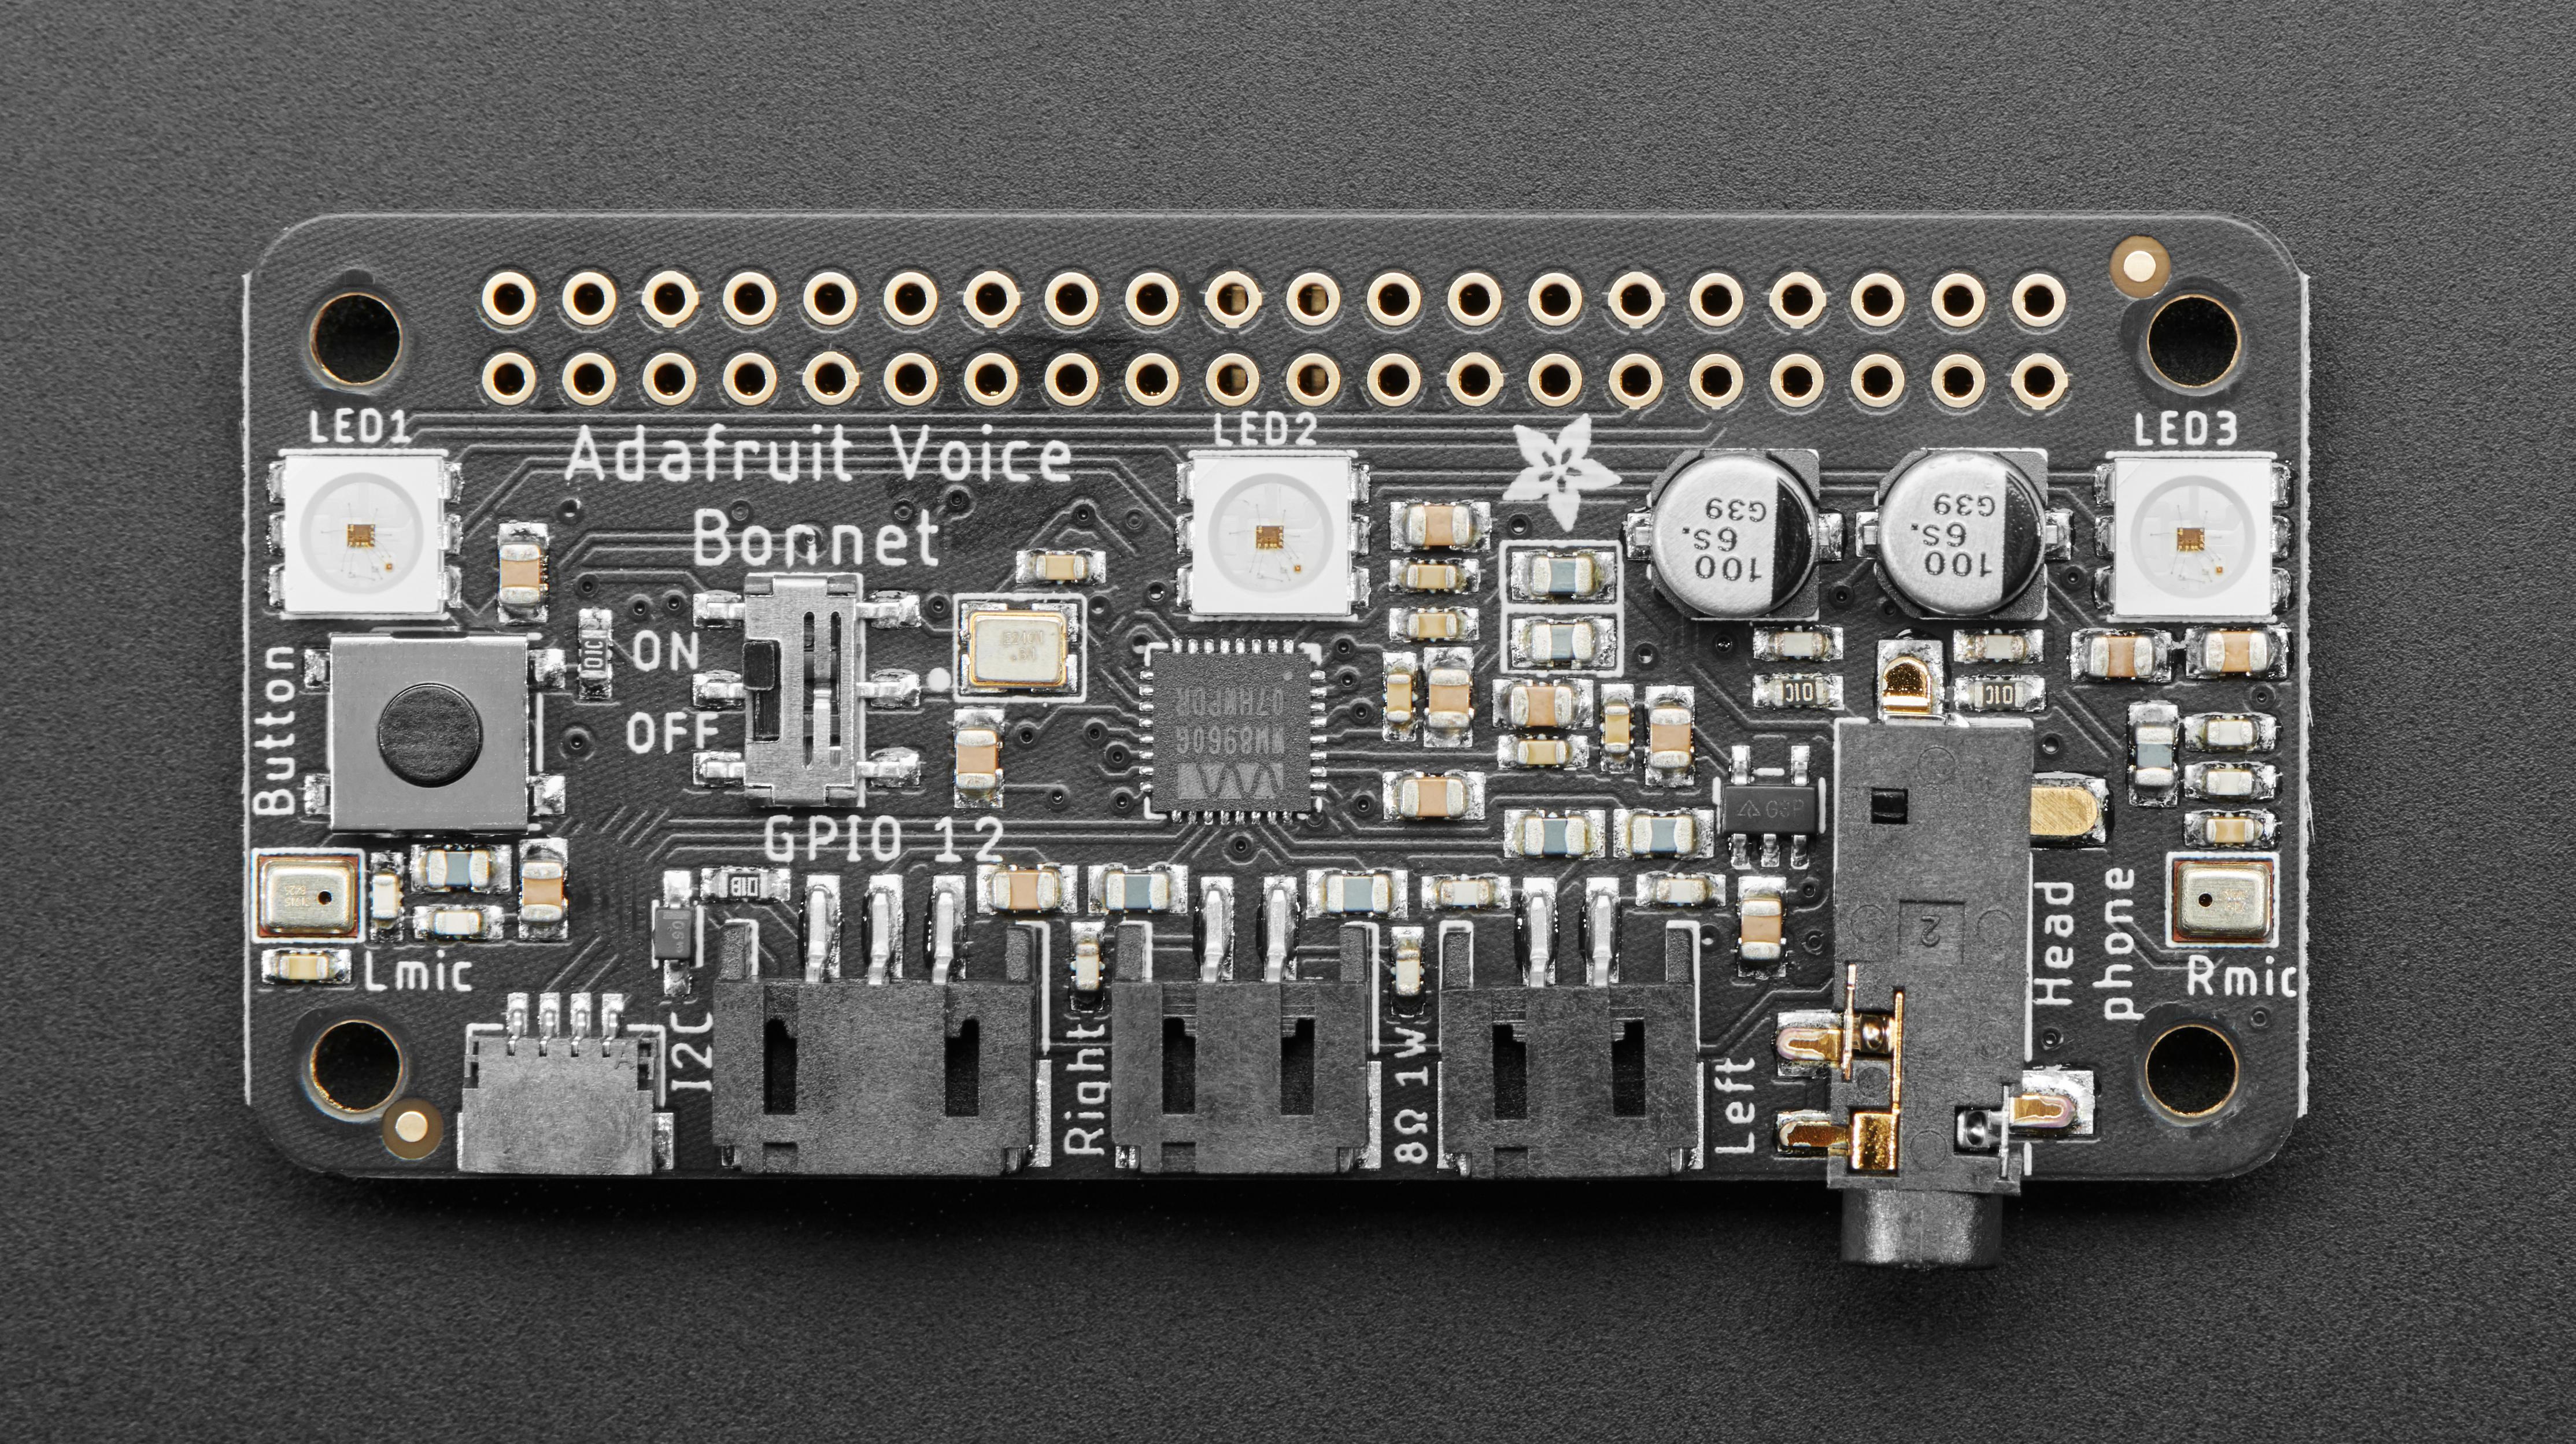 adafruit_products_Voice_Bonnet_pinouts.jpg